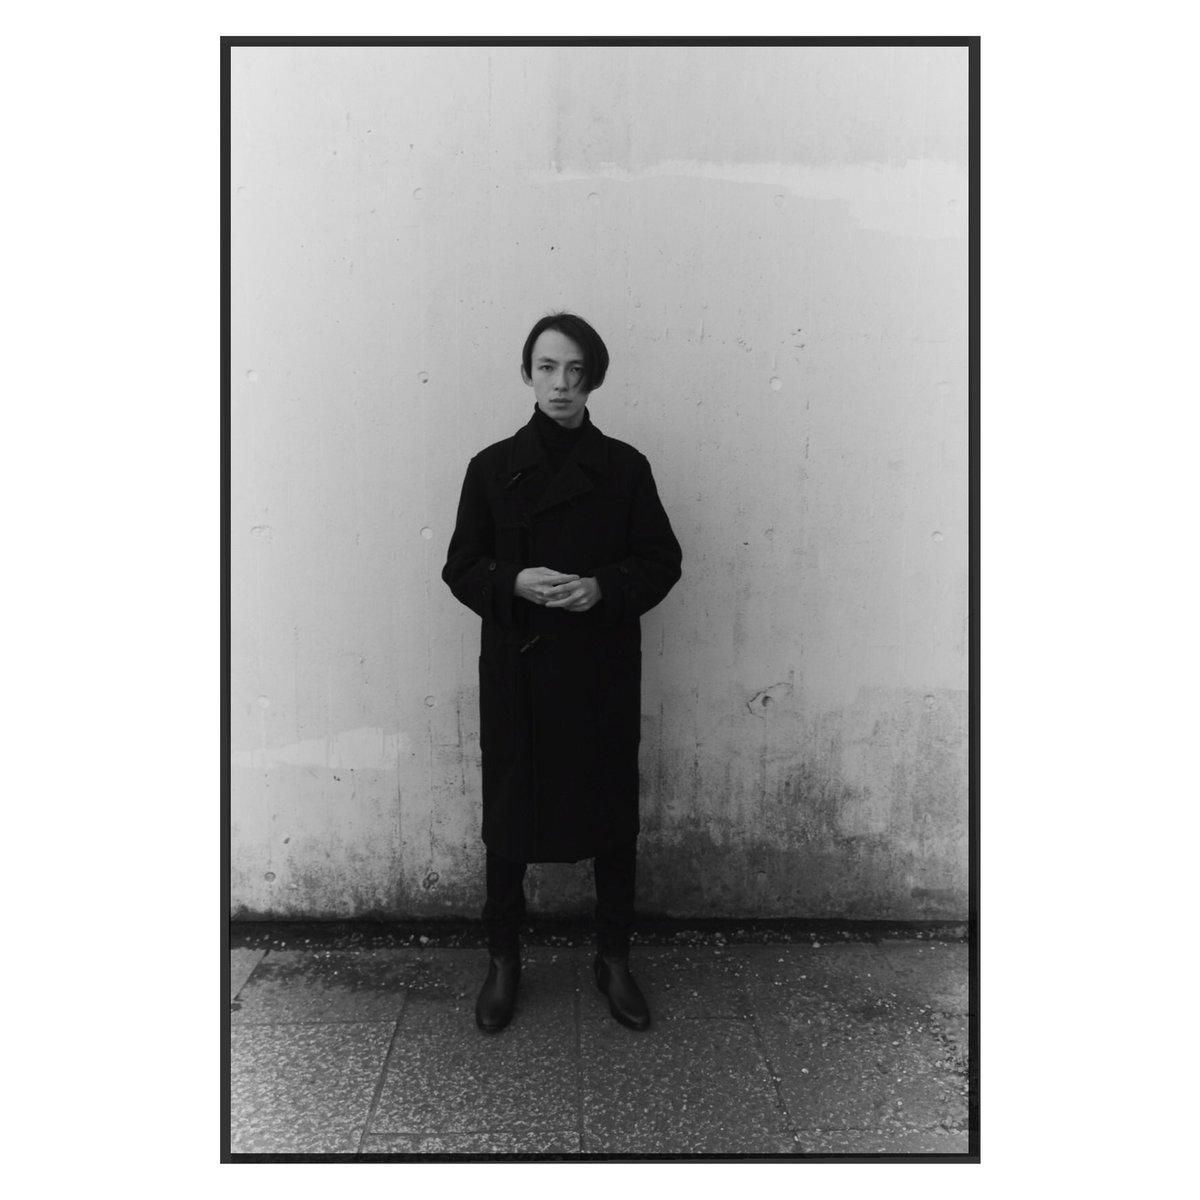 2019年最後は気持ちの引き締まった撮影でした。  来年もワクワクする方へ。    #coregraqhy #PhotoOfTheDay #portraits #portraitphotography  #tokyo #tokyoportrait #tokyophoto #fashion #fashiongram #tokyophotographer #ポートレート #フォトグラファー #アチトシヒロpic.twitter.com/6On3RnYhrs